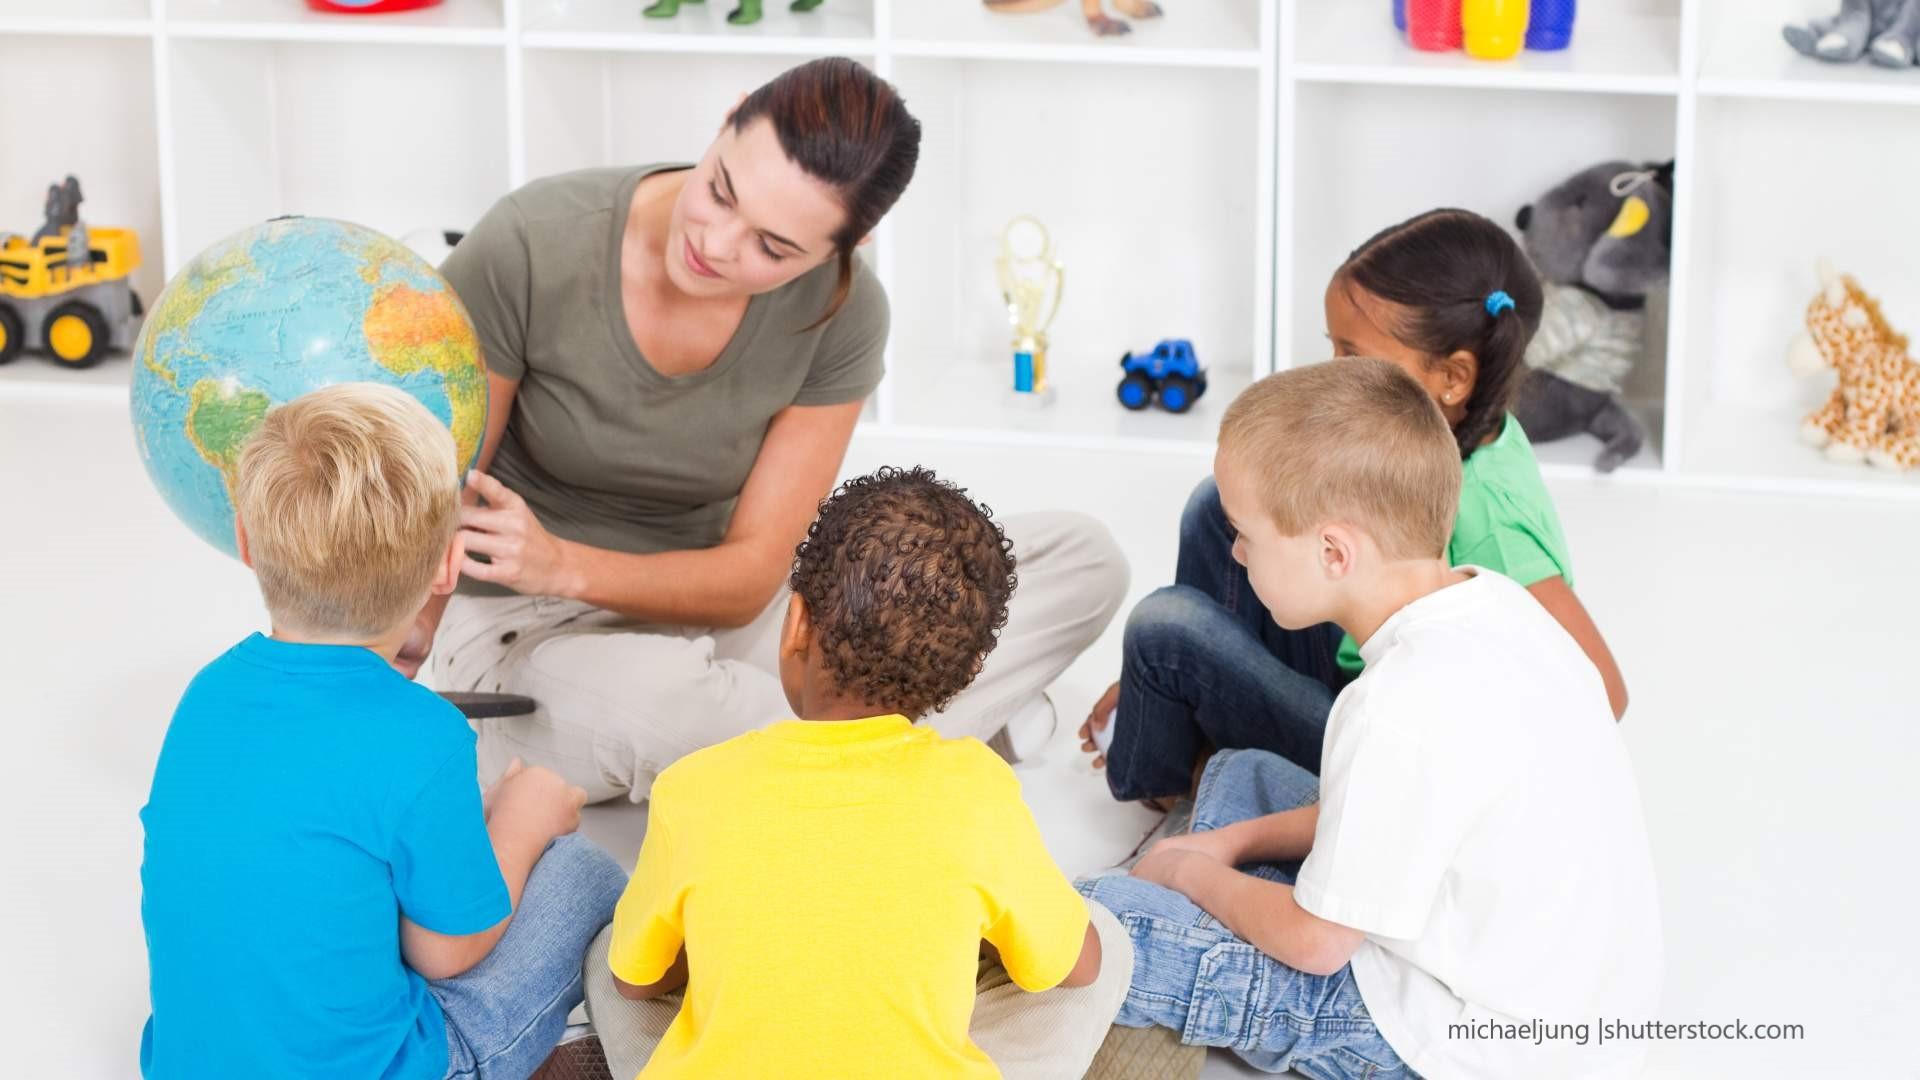 Pädagogische Fachkräfte brauchen Wissen und Reflexionsbereitschaft, um interkulturell arbeiten zu können.